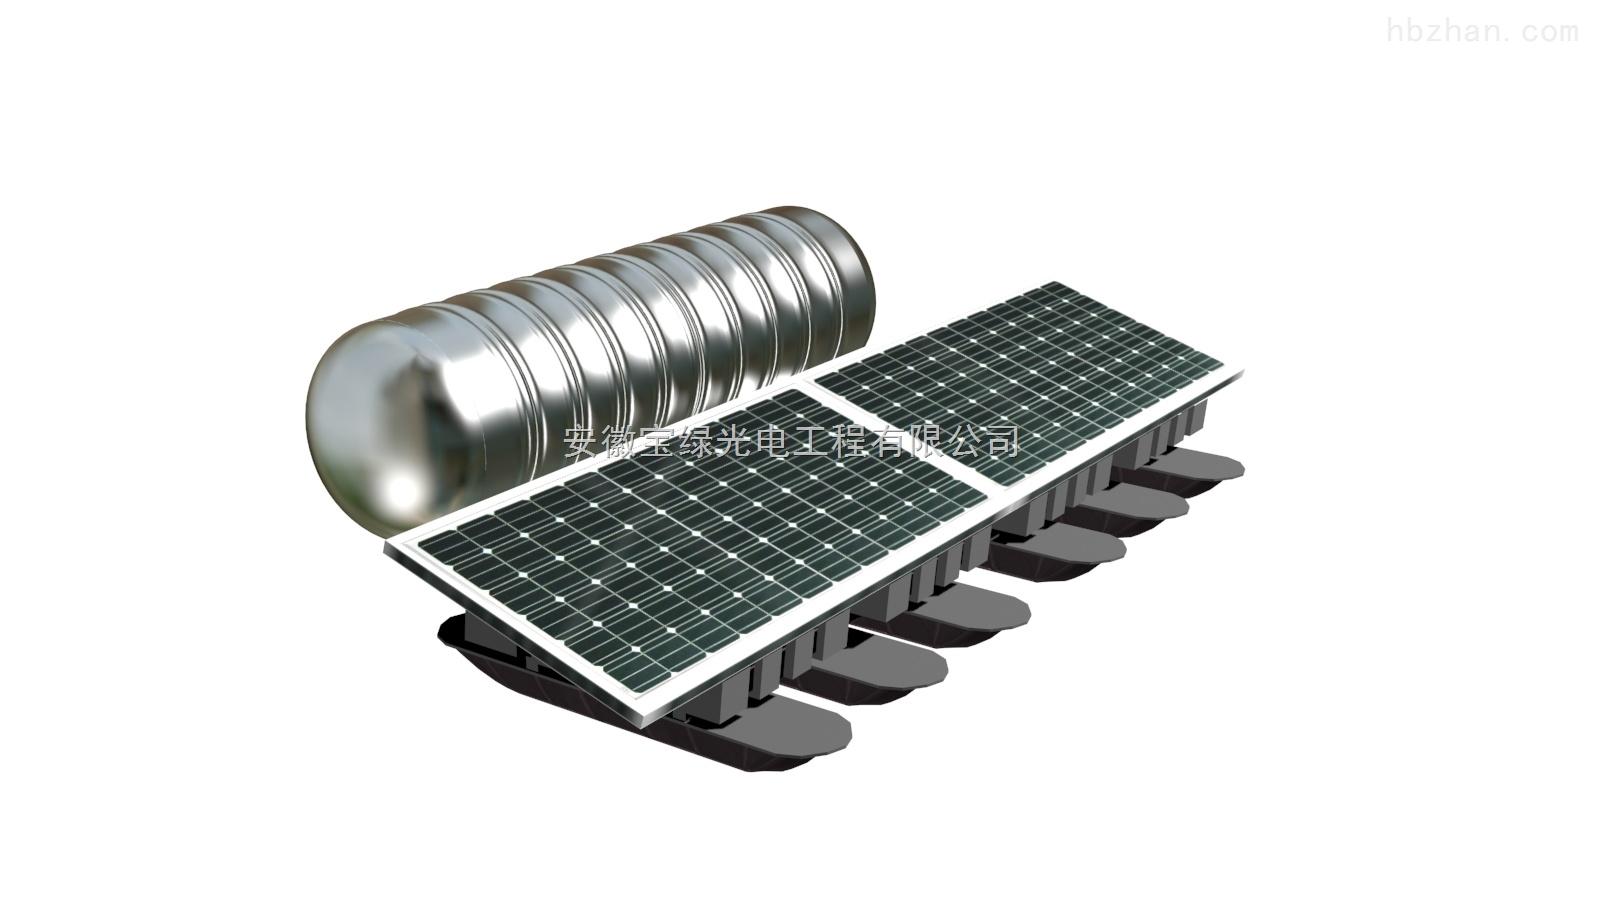 推流式太阳能曝气机,用于河道水体净化